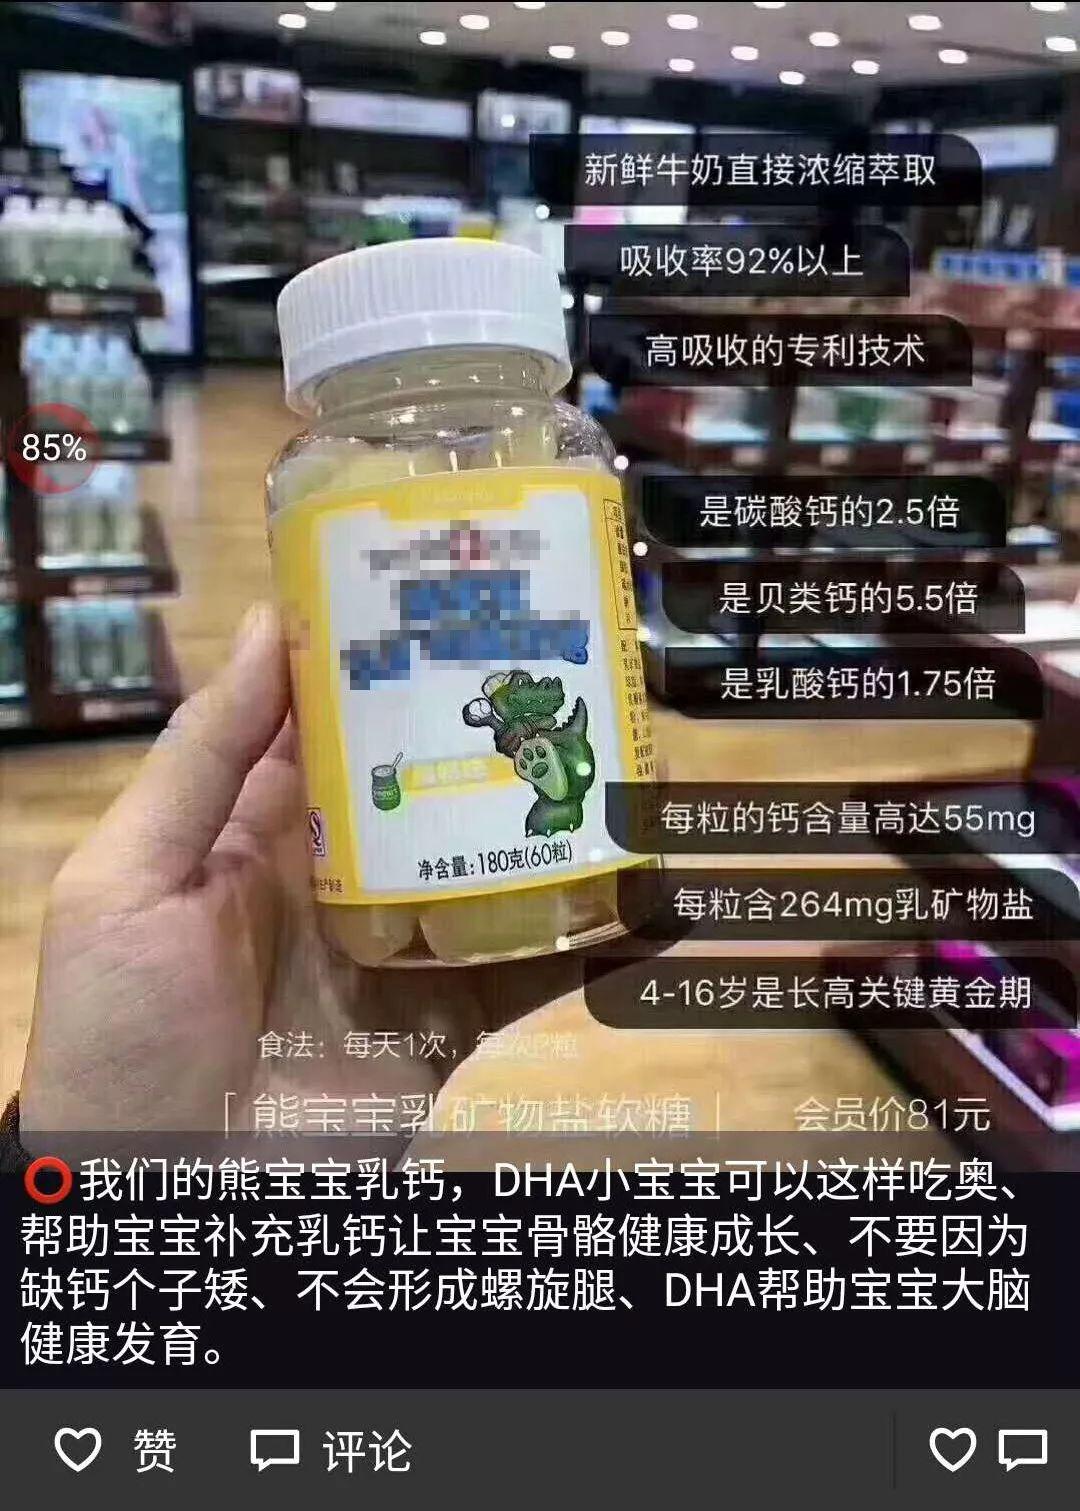 江苏一老师向家长推销高档保健品 不买就打孩子?